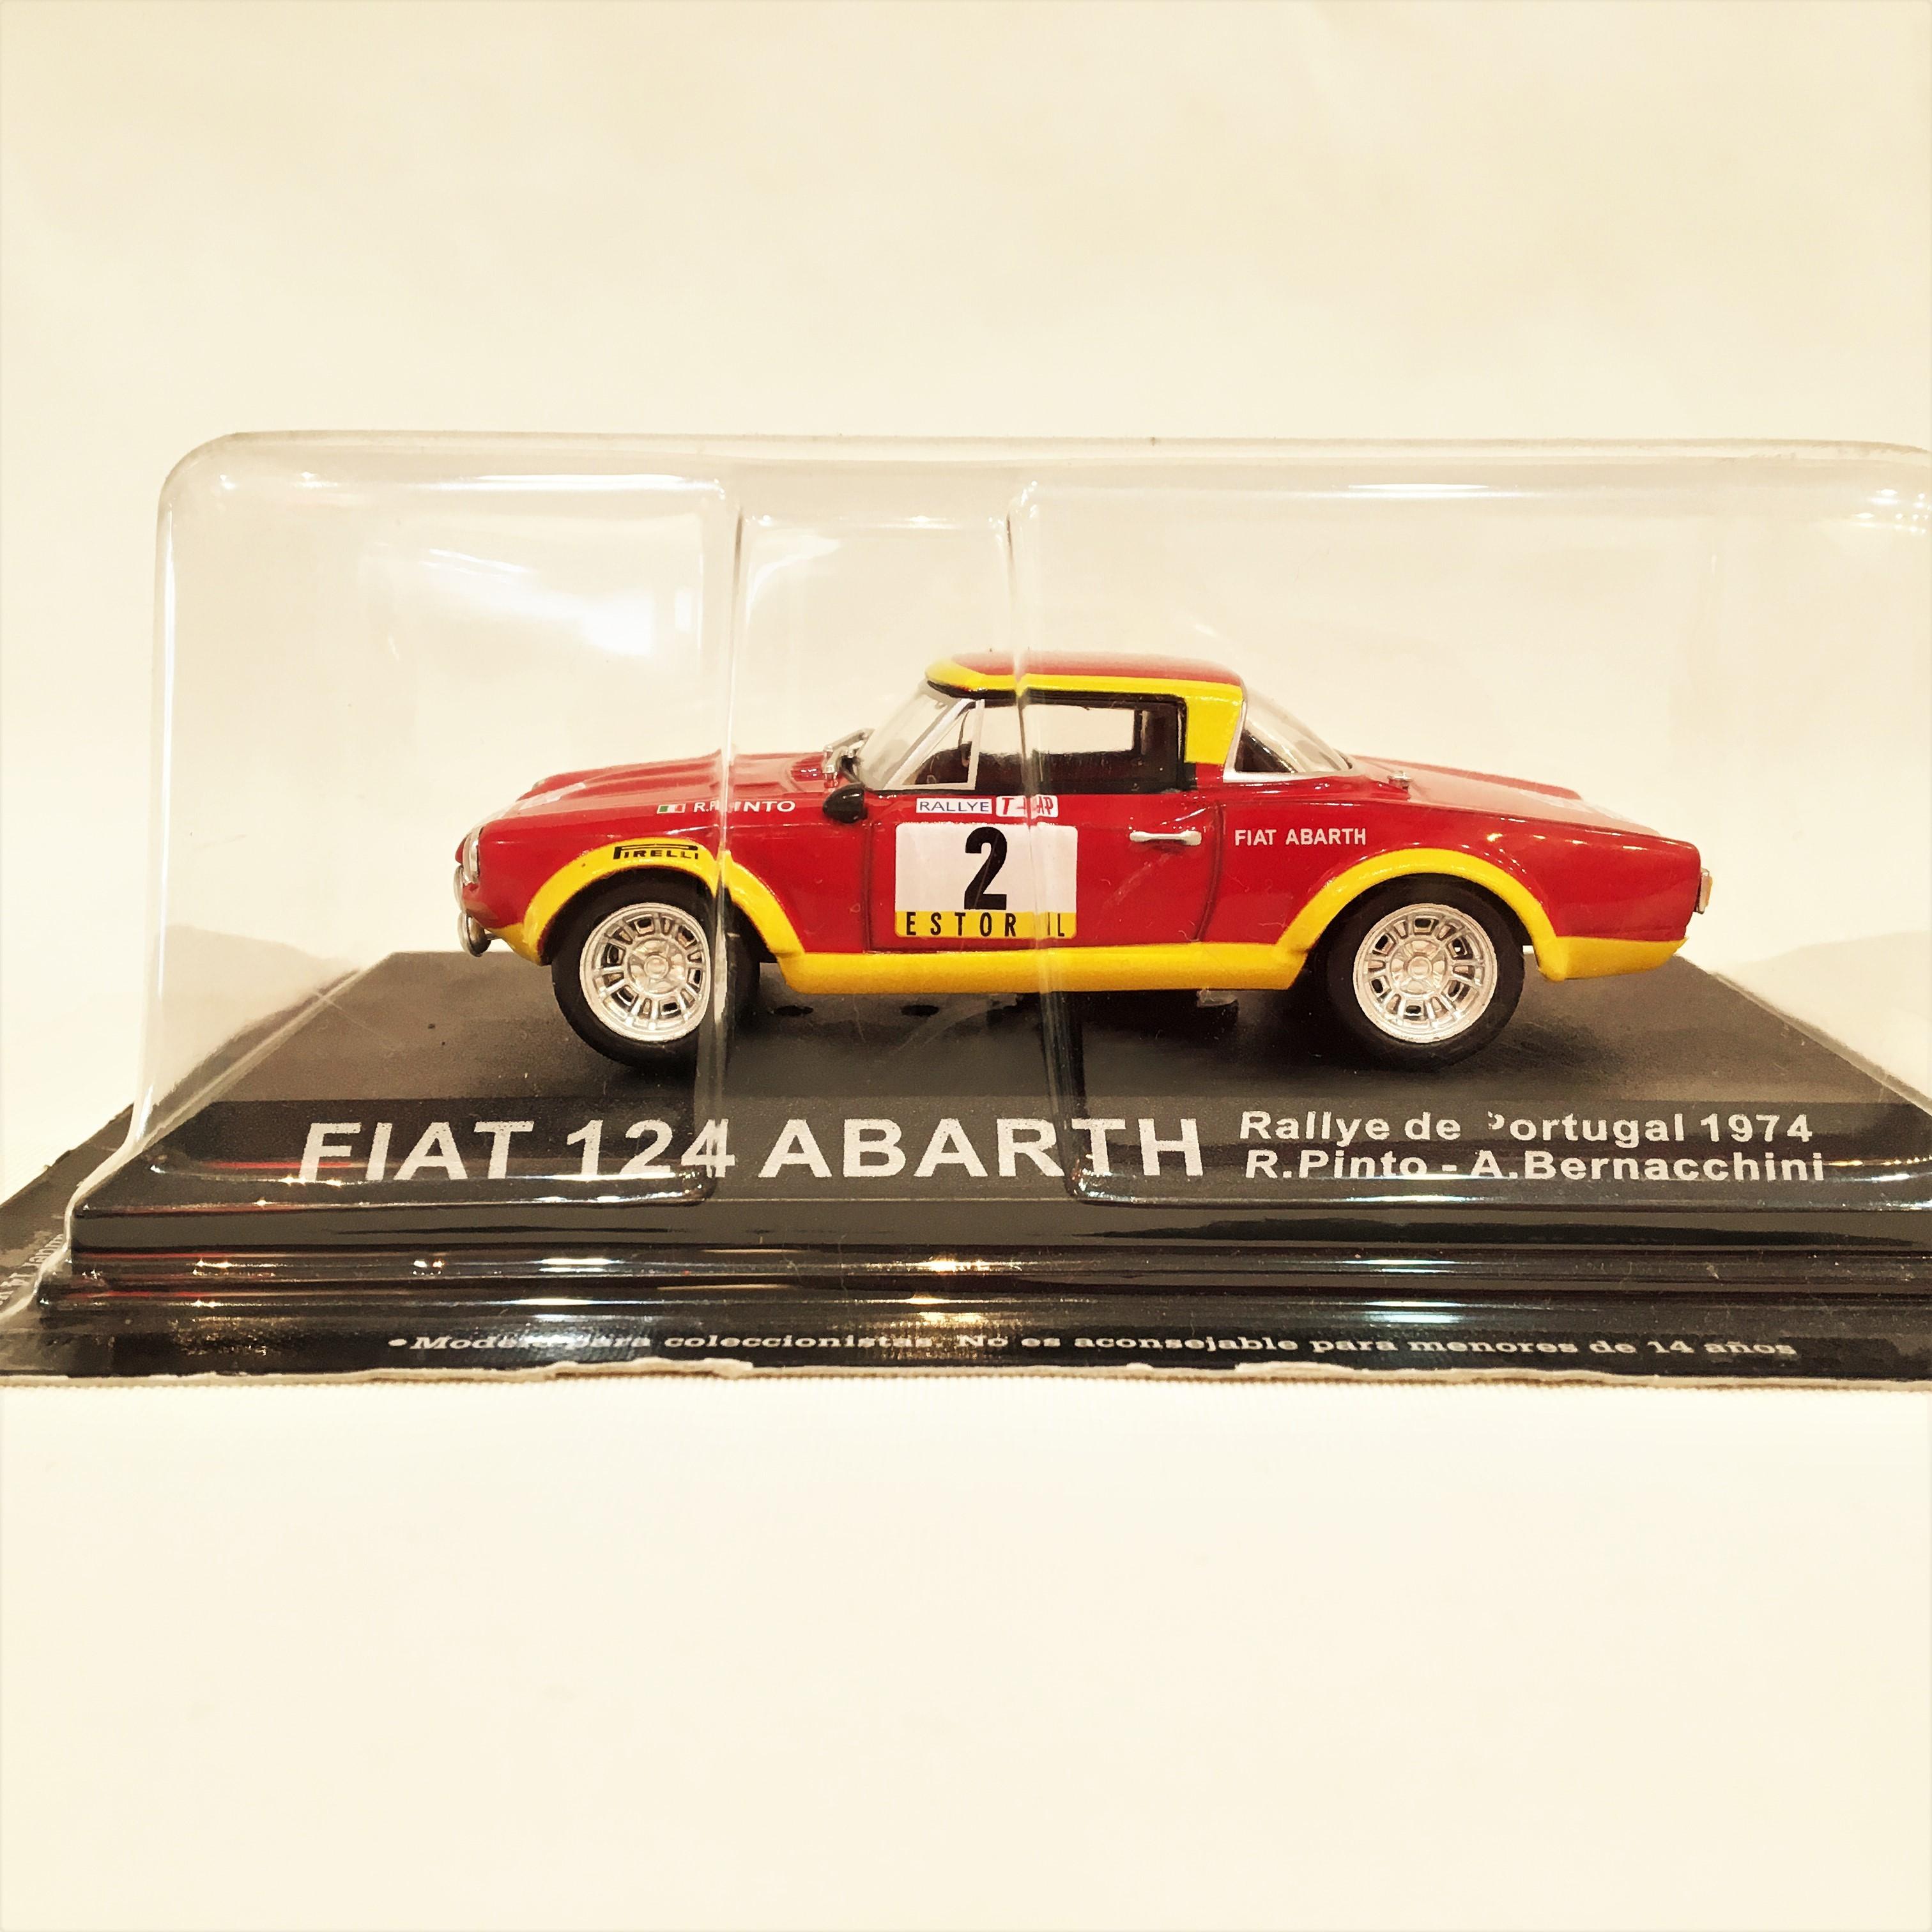 """FIAT 124 ABARTH RALLYE DE PORTUGAL 1974"""" RALLY DEA SCALE 1/43 【1個のみ】【税込価格"""